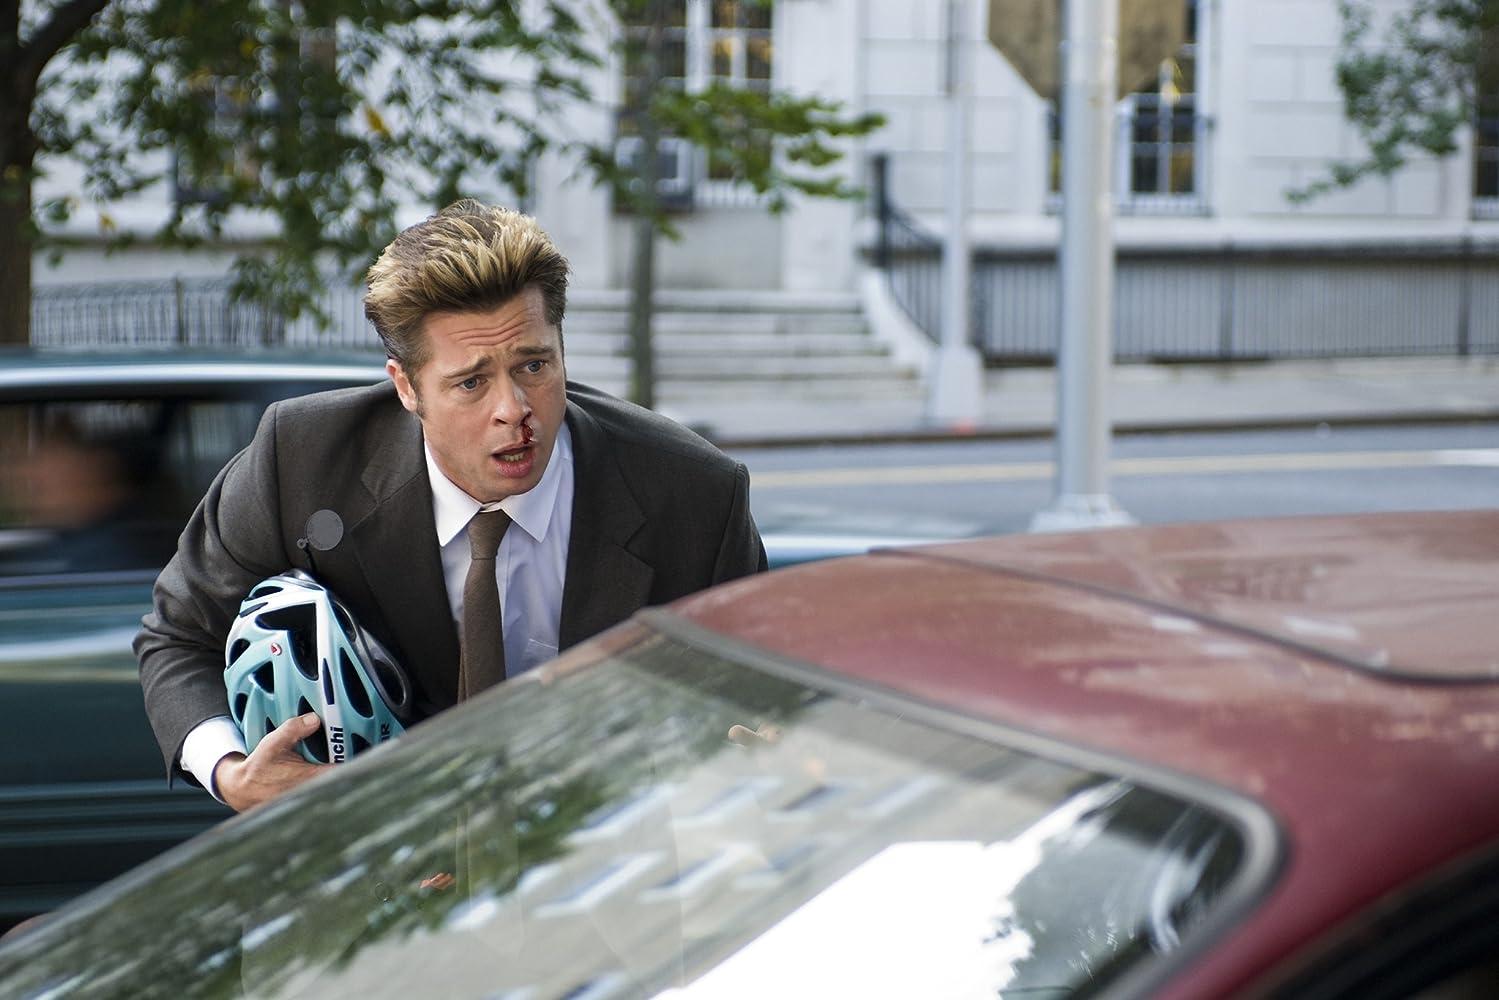 Brad Pitt in Burn After Reading (2008)